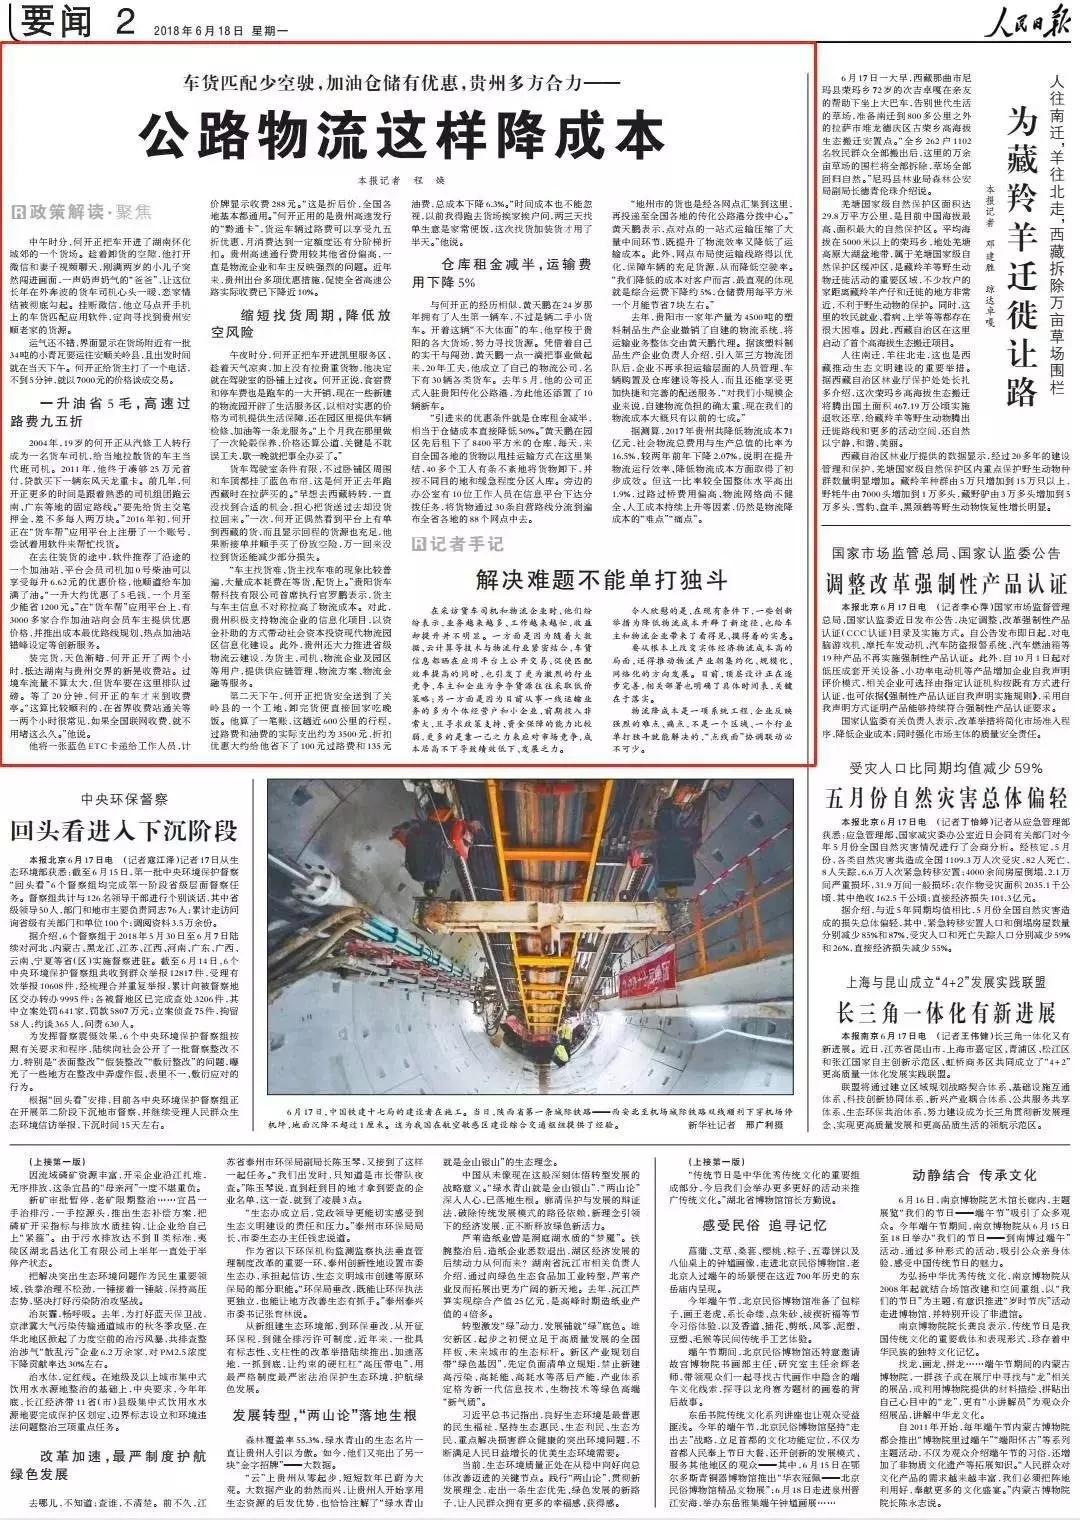 《人民日报》三赞货车帮 促进中国物流业降本增效